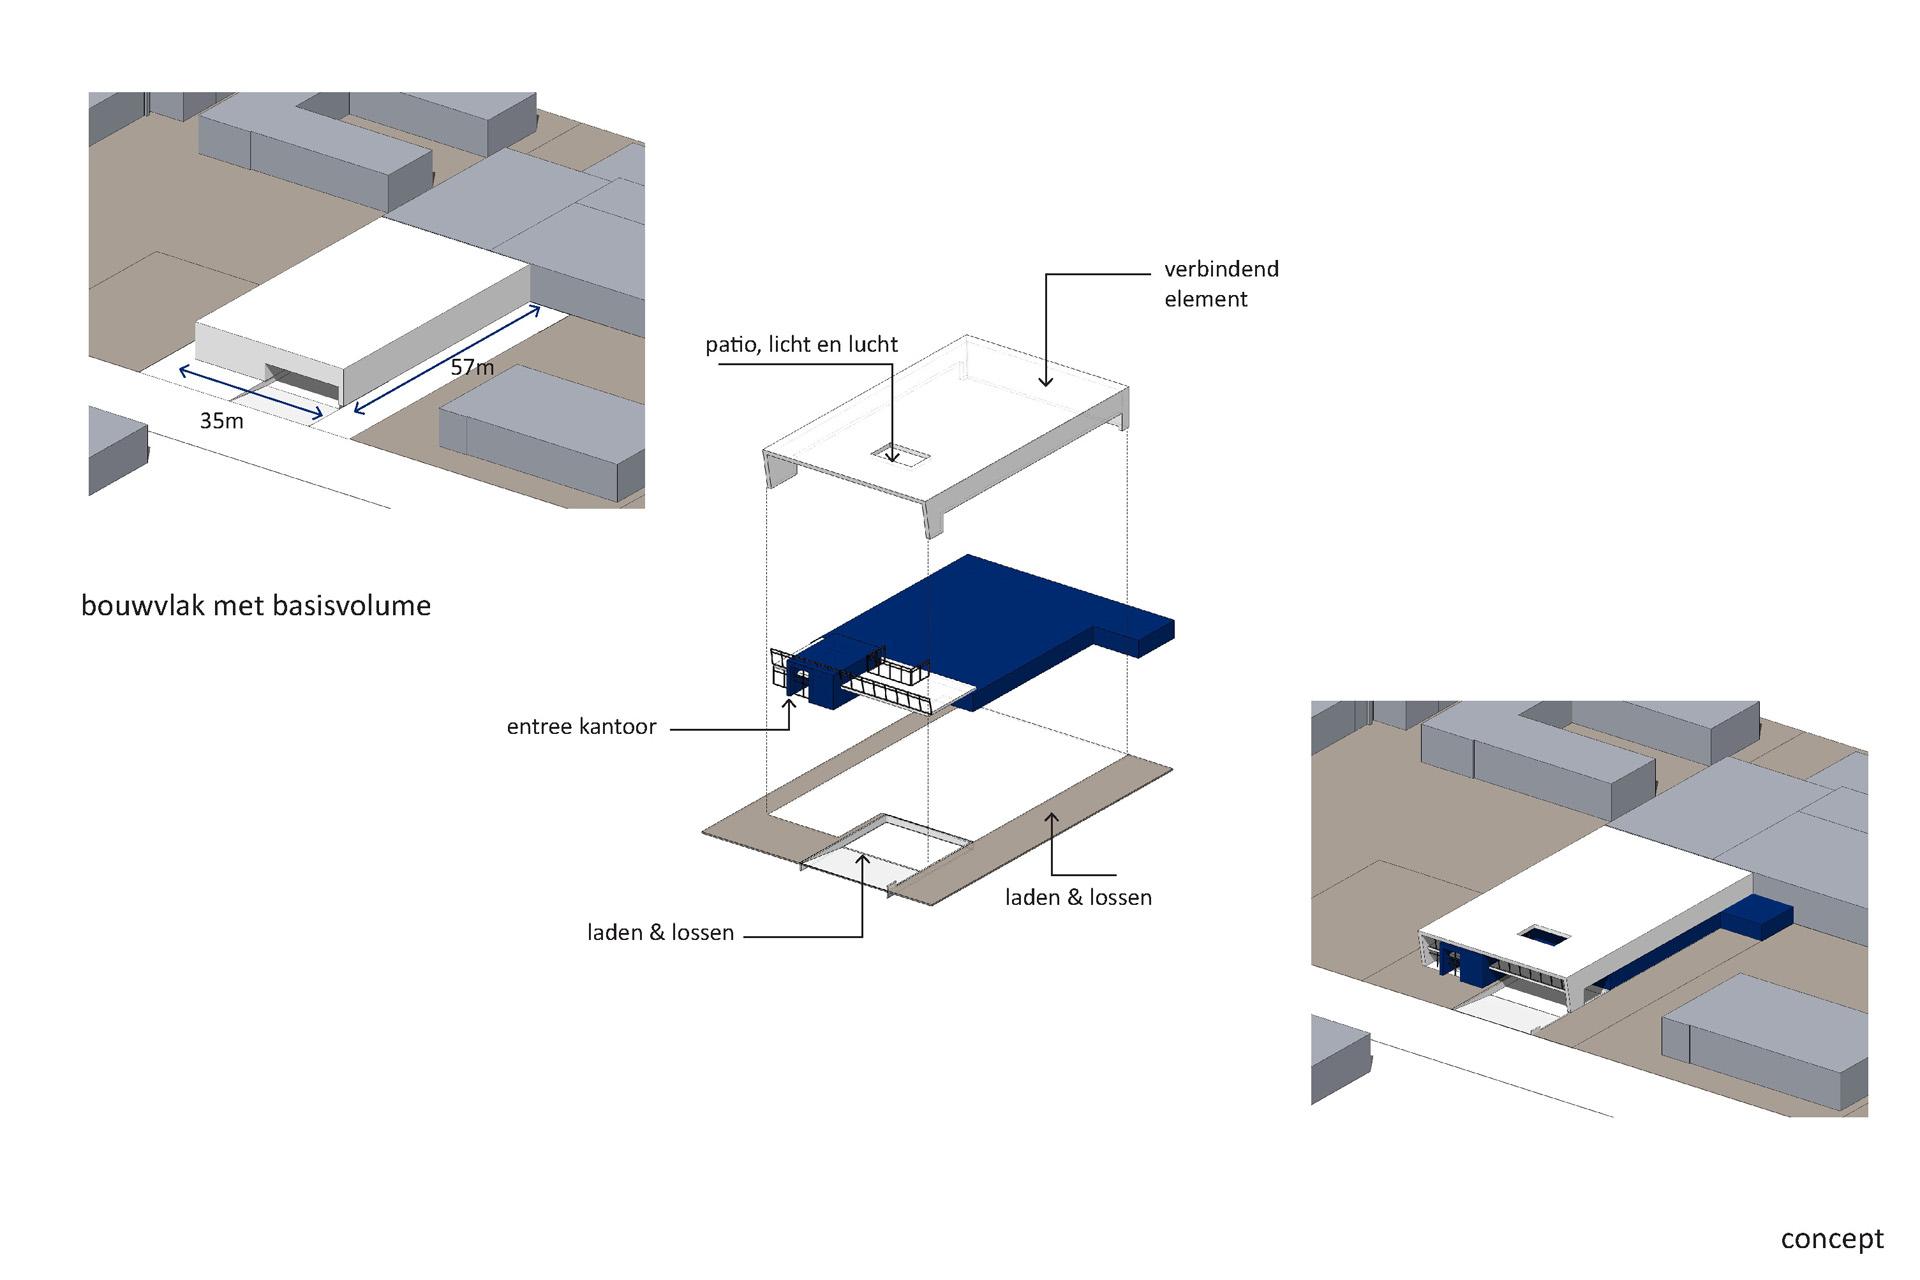 bedrijfshalkantoor-verbo-jyb-architecten-03